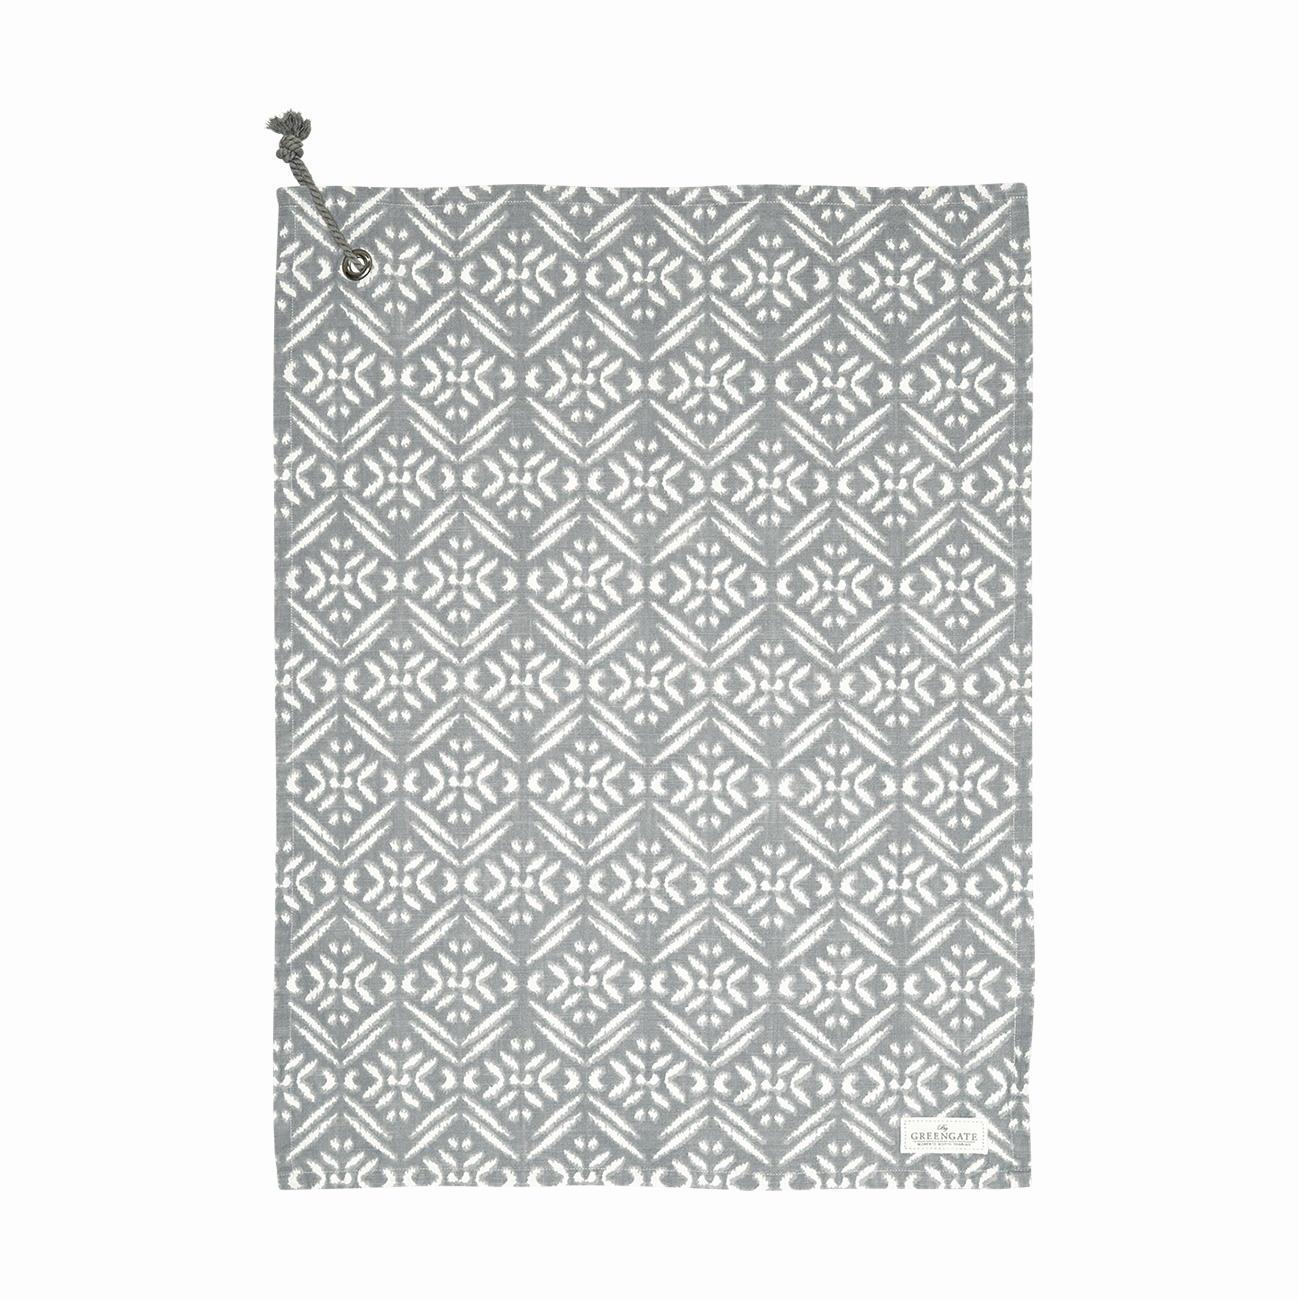 GREEN GATE Bavlněná utěrka Kaya Grey 50 x 70 cm, šedá barva, textil